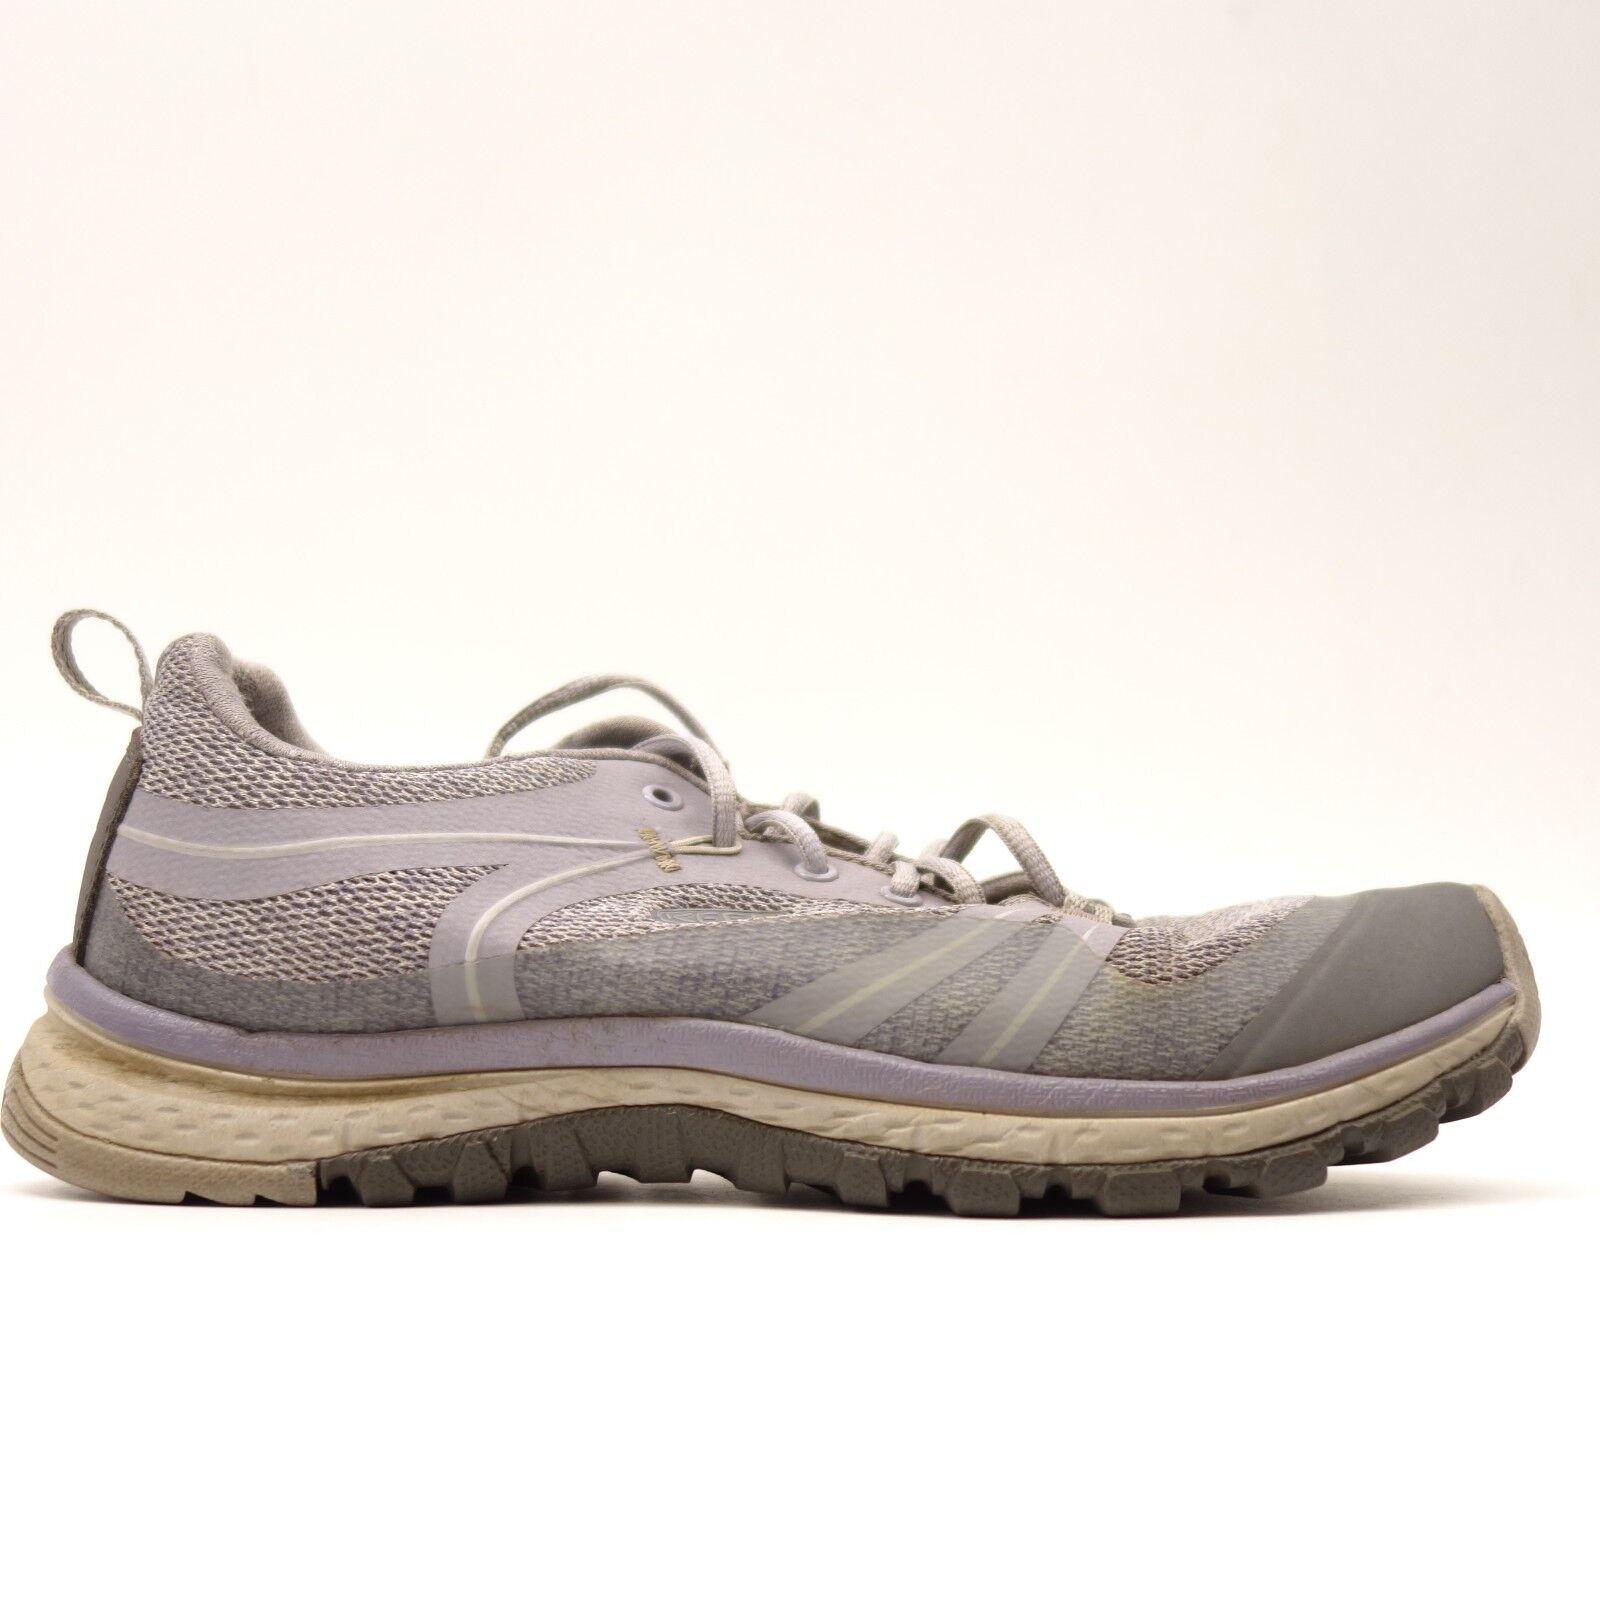 Keen donna Terradora Water Prove di Supporto Athletic Trail  Hiking scarpe Dimensione 8.5  vendendo bene in tutto il mondo